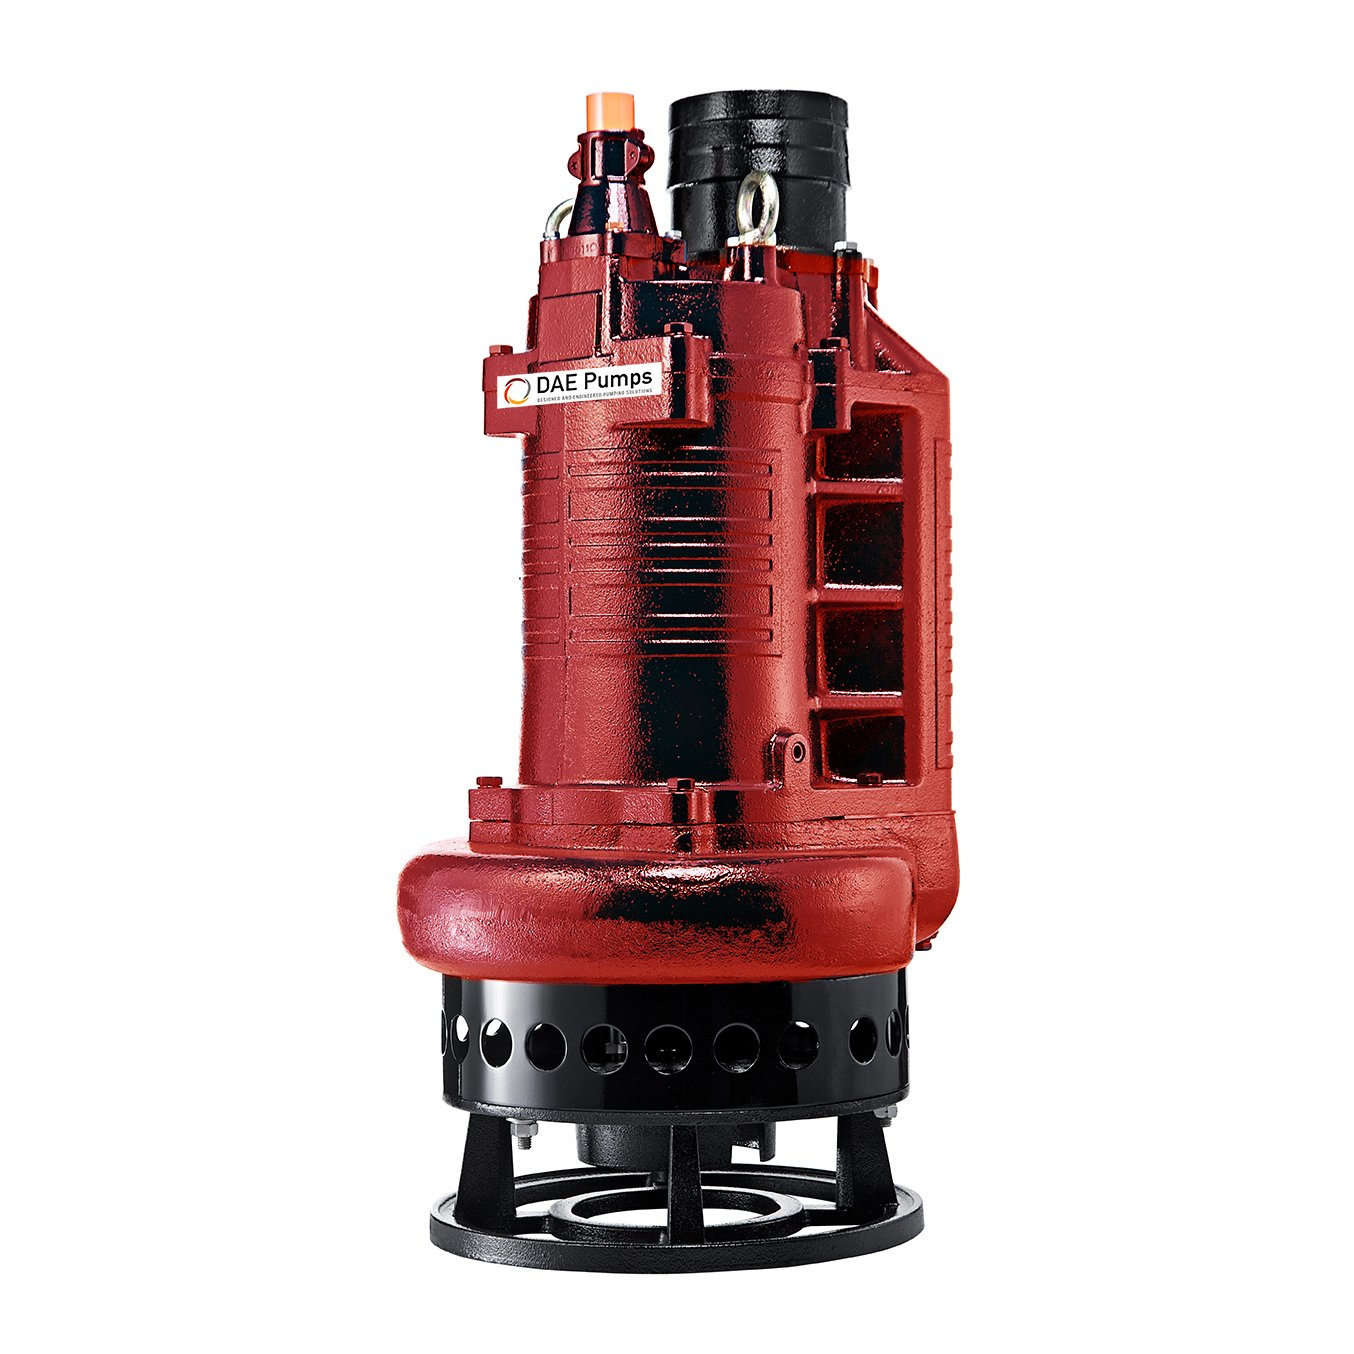 DAE Pumps 4110-P Submersible Slurry Pump